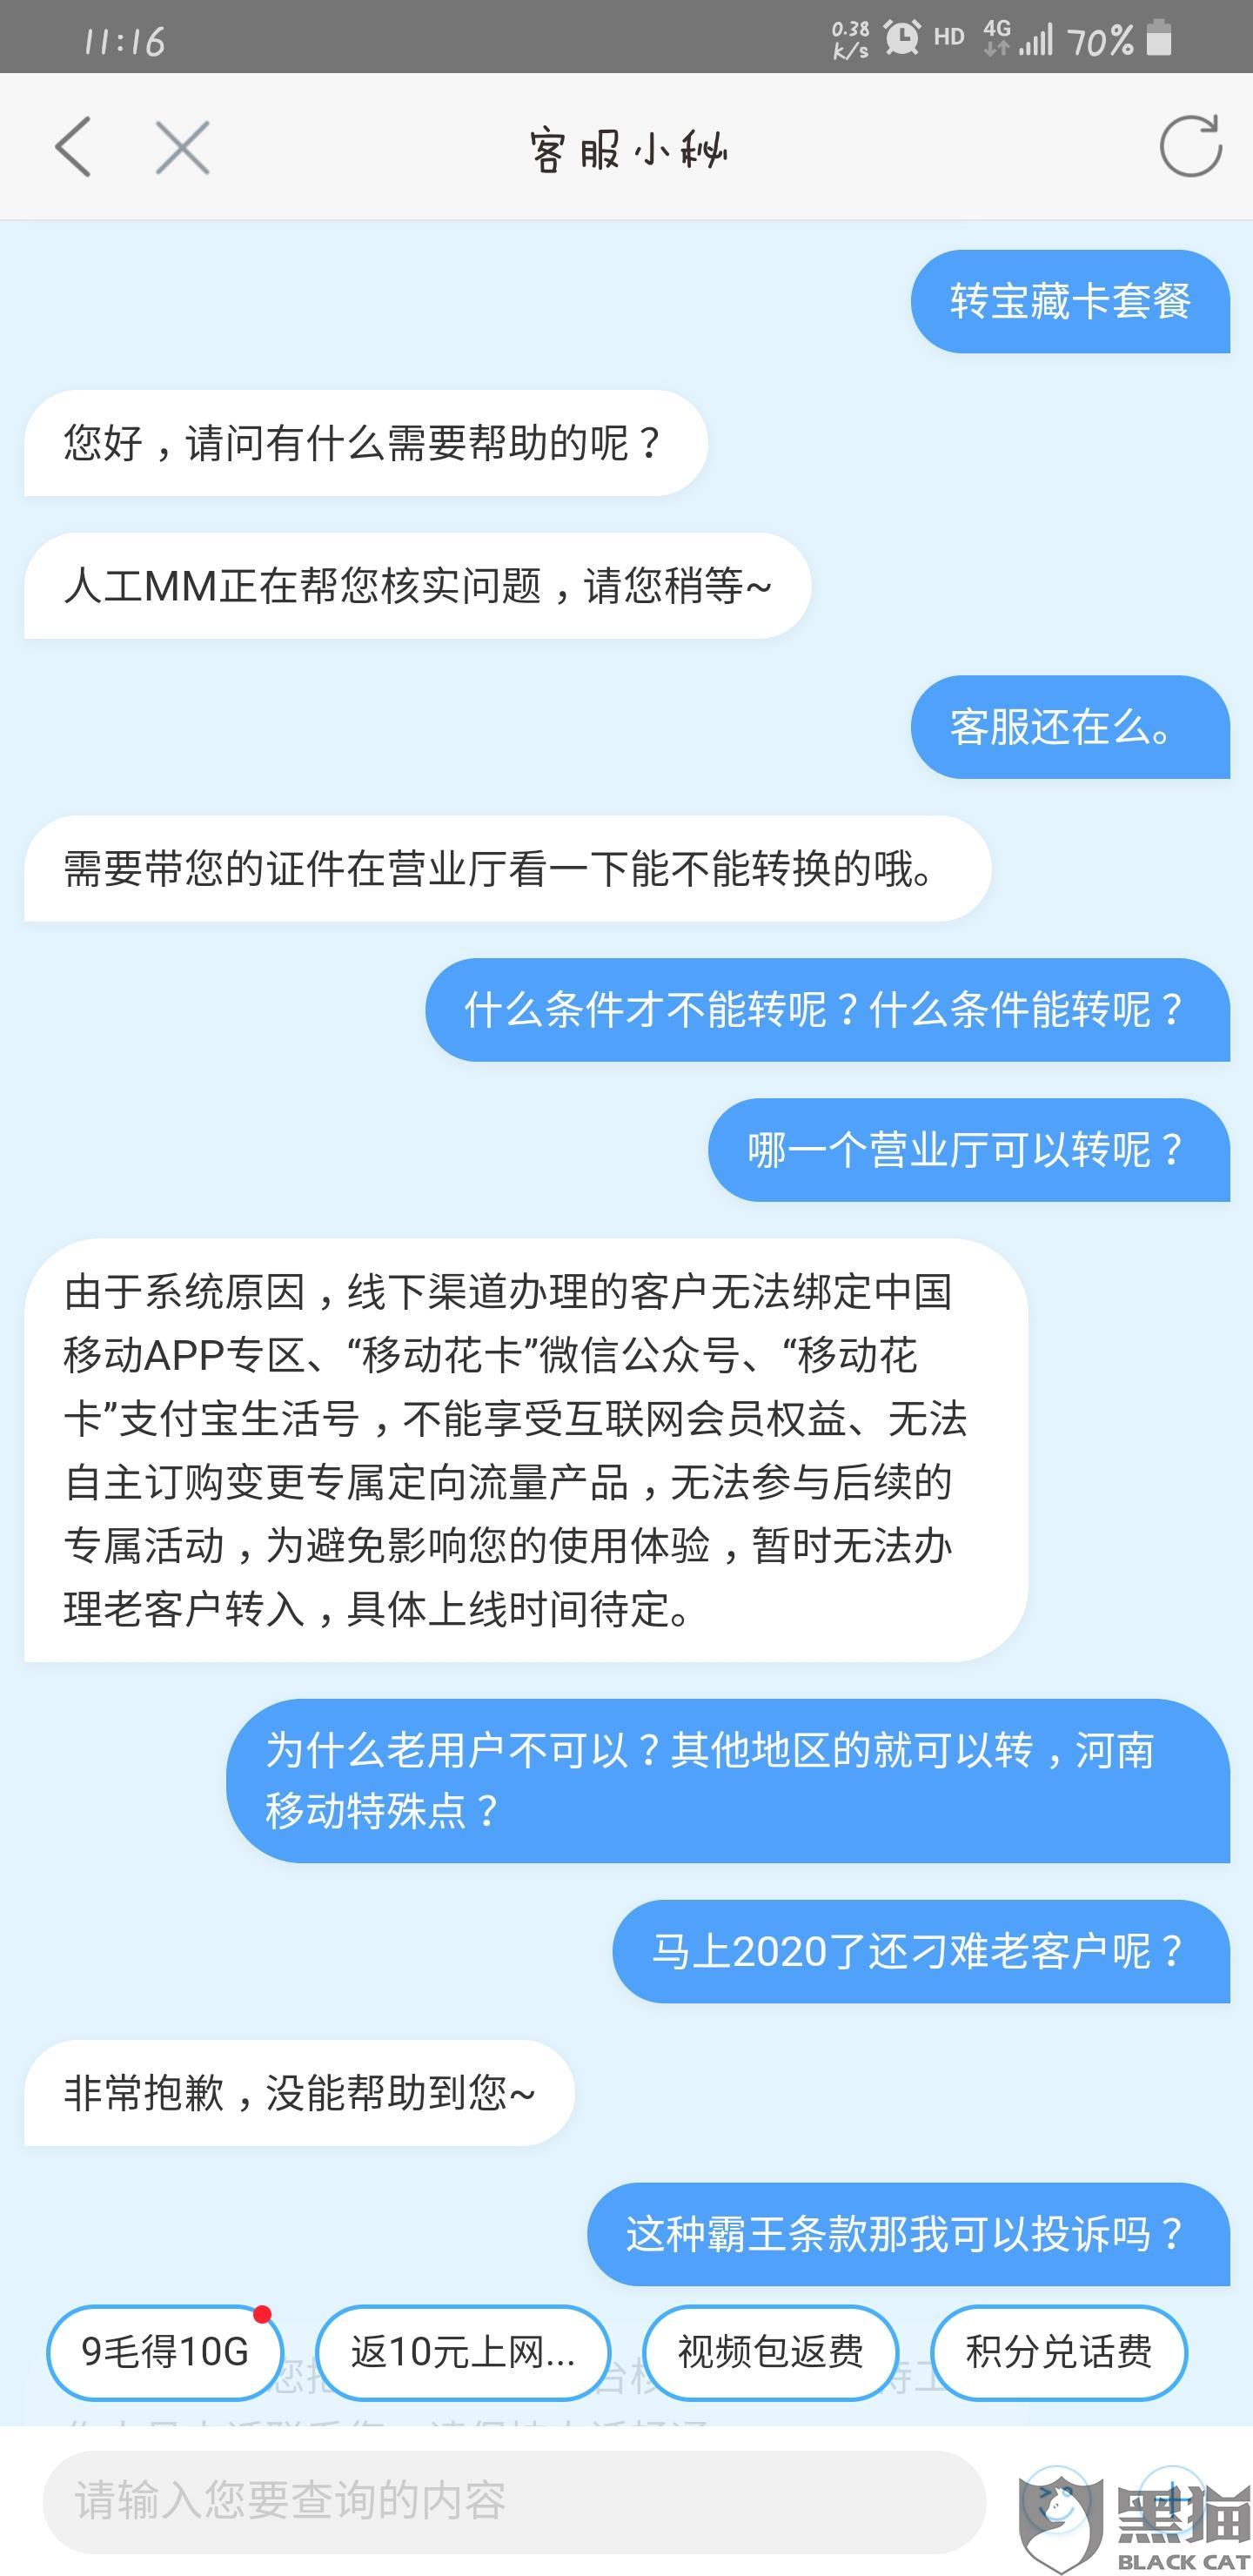 黑猫投诉:中国移动不给予老用户办理业务套餐